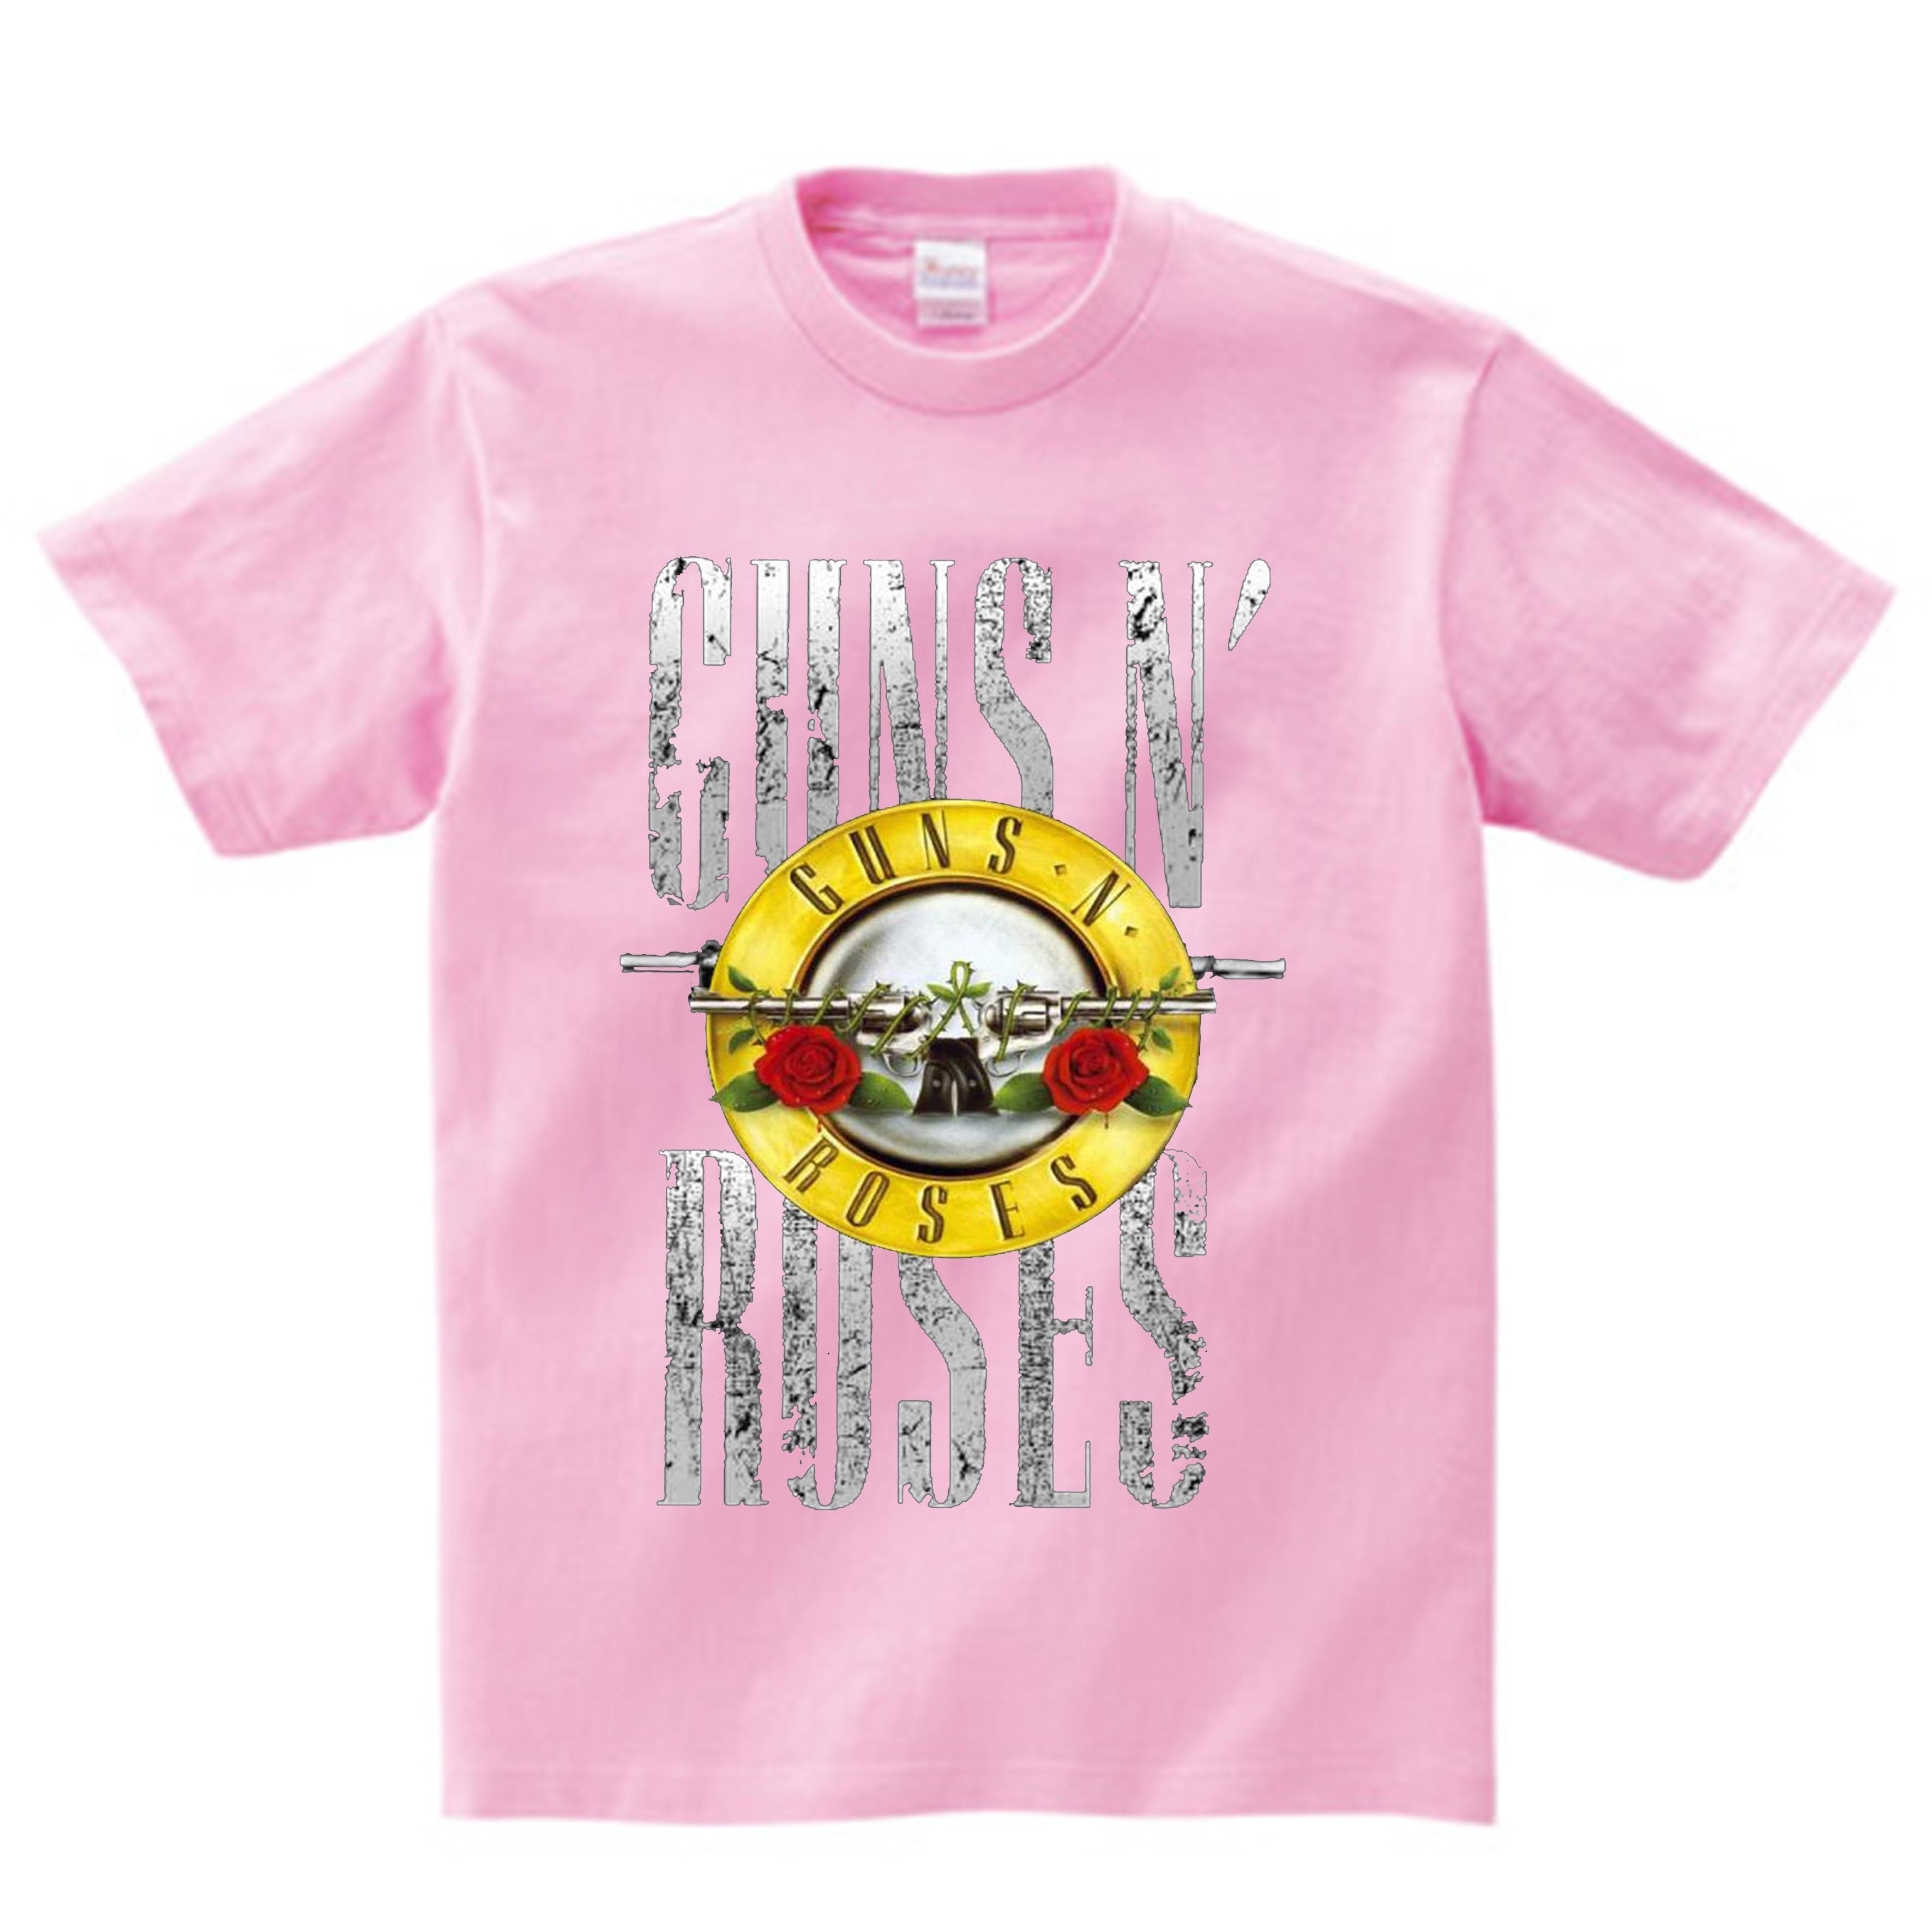 Children Rock Band Gun N Roses Print T shirt Summer Kids Hip Hop Music Tops Baby Boys/Girls t shirt vogue Princess Clothes  NN 1